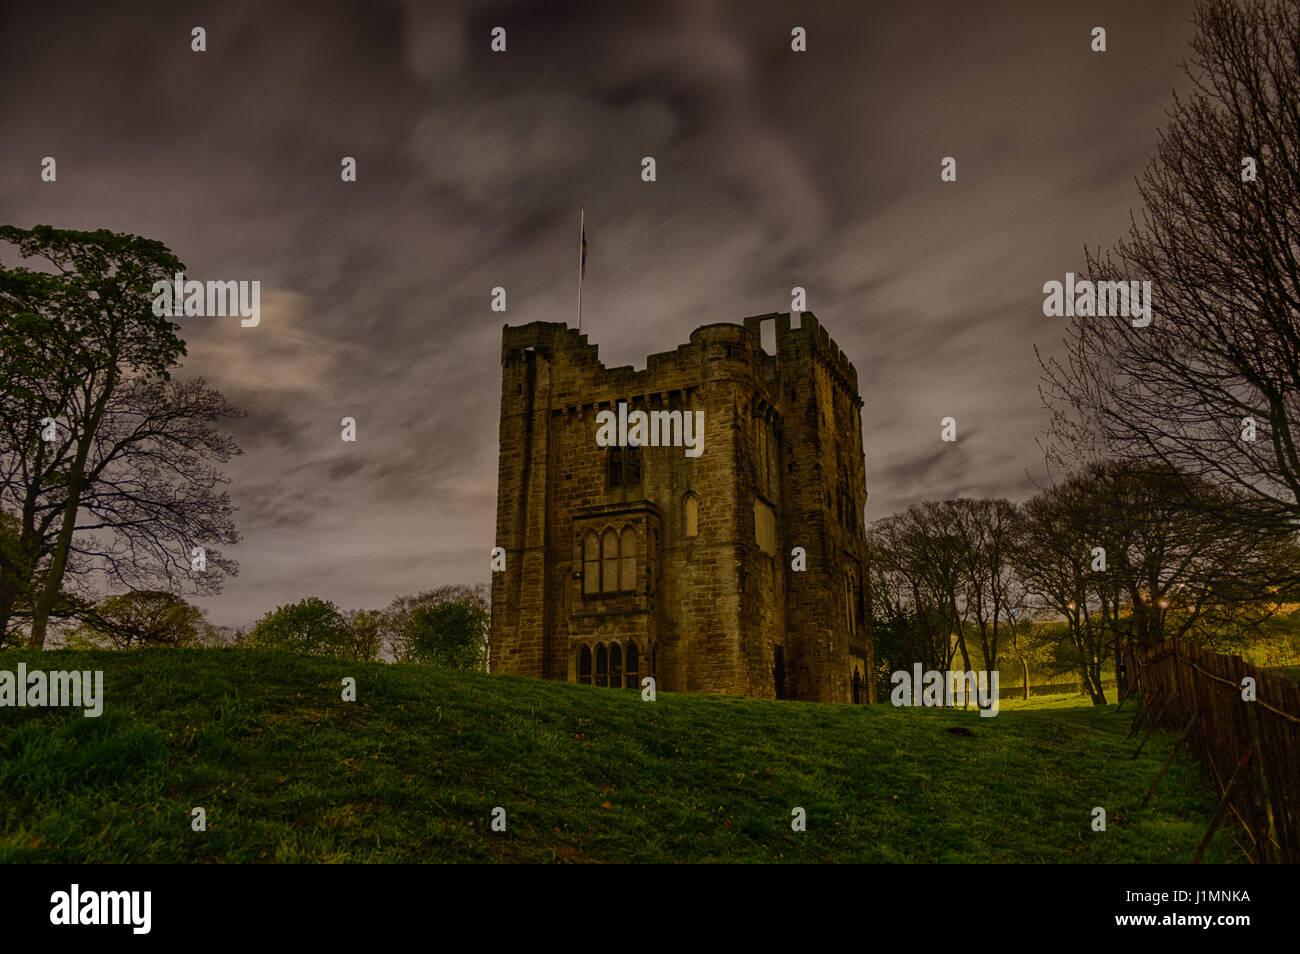 Hylton Castle, Sunderland, UK - Stock Image